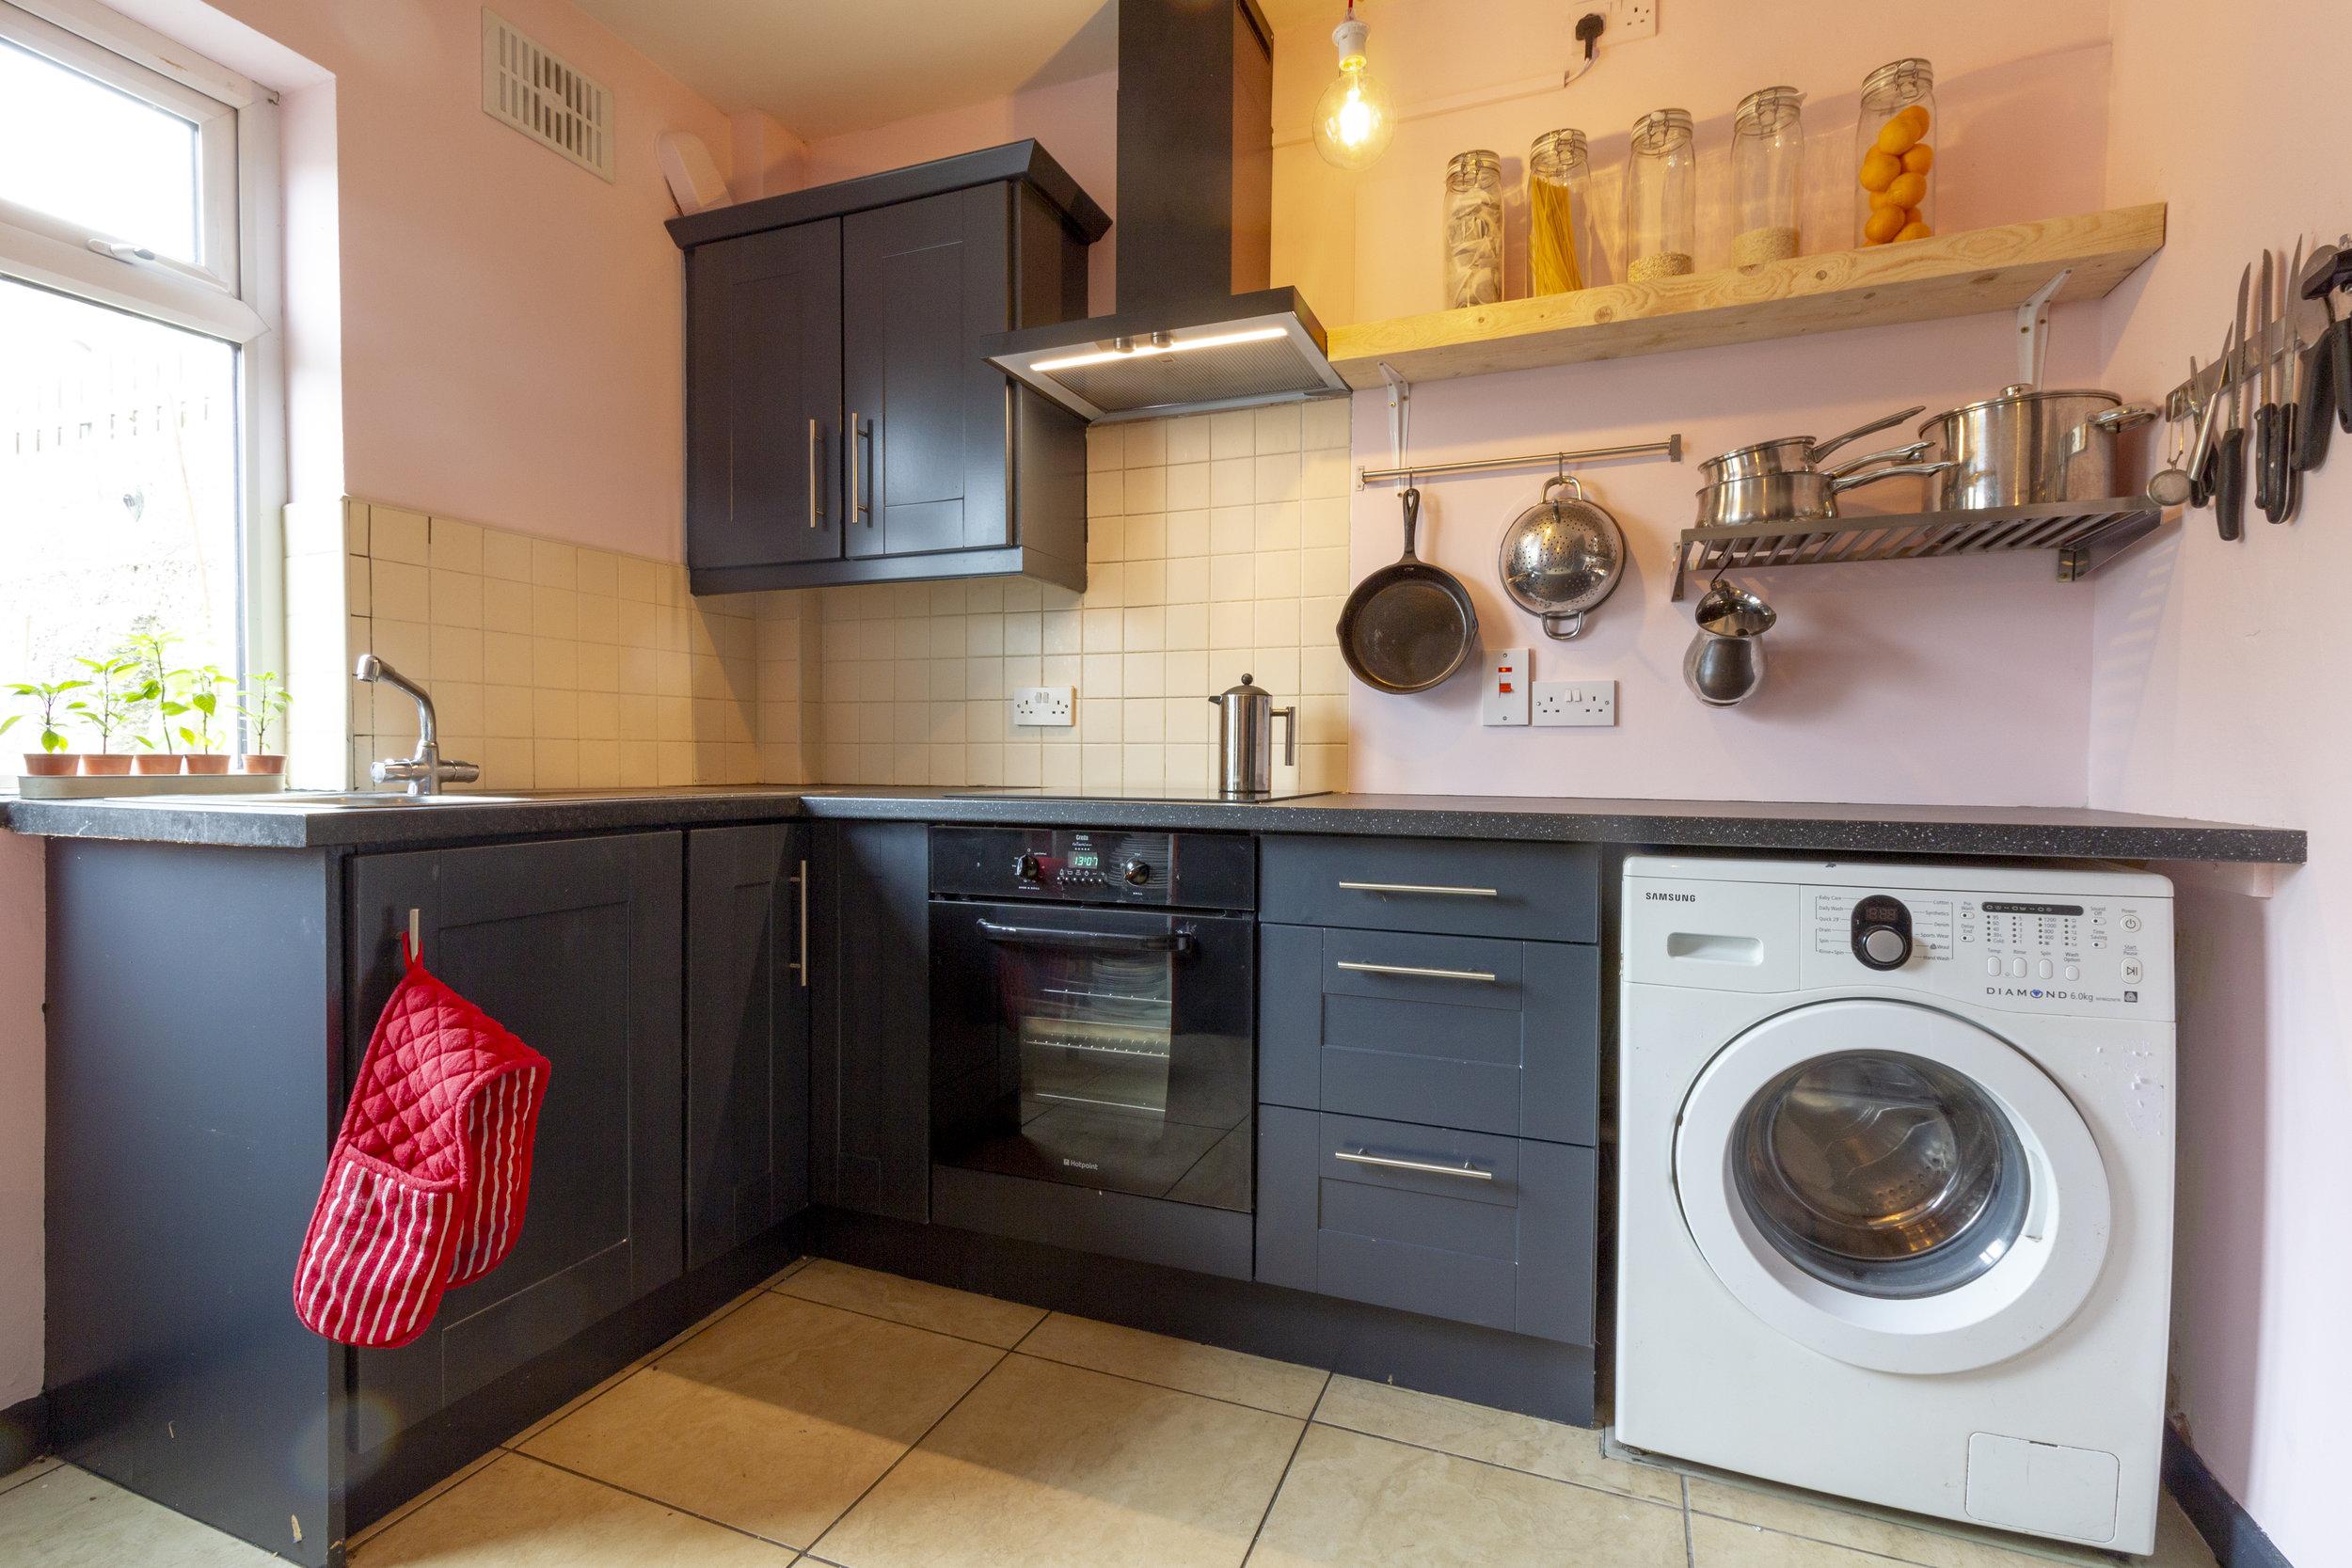 HR - Laytown - After - Kitchen 6.jpg